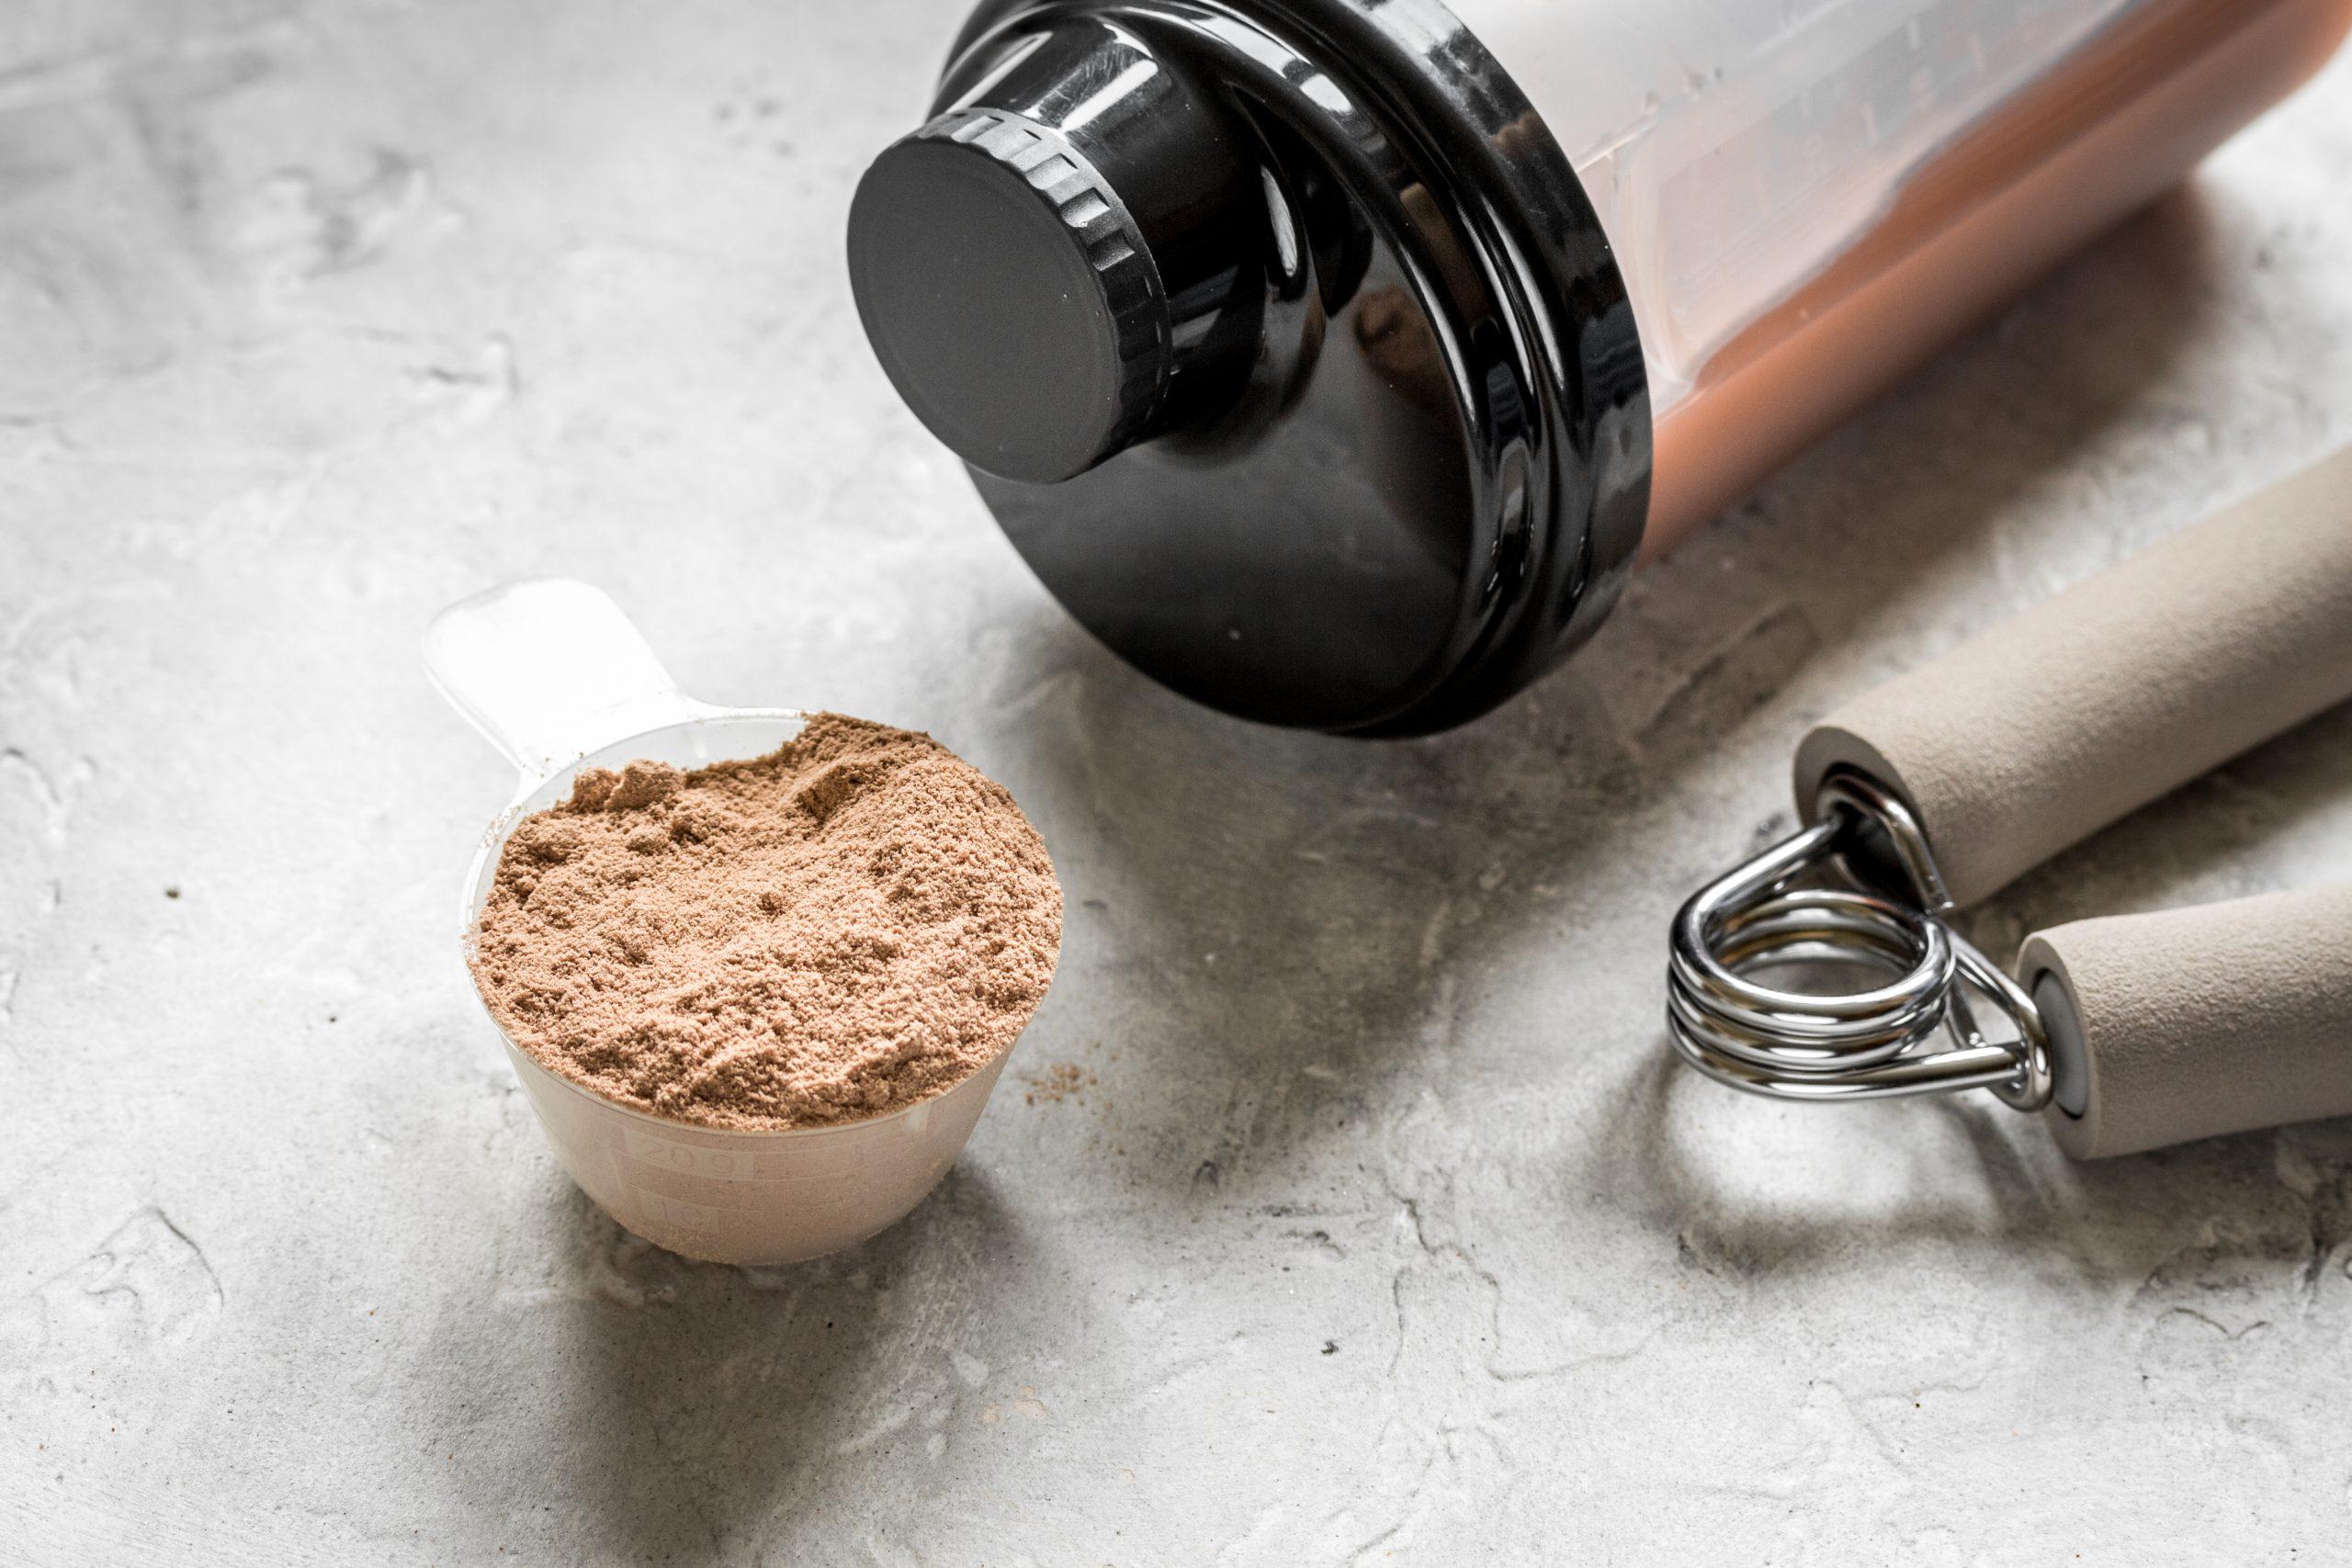 proteina en polvo con shaker